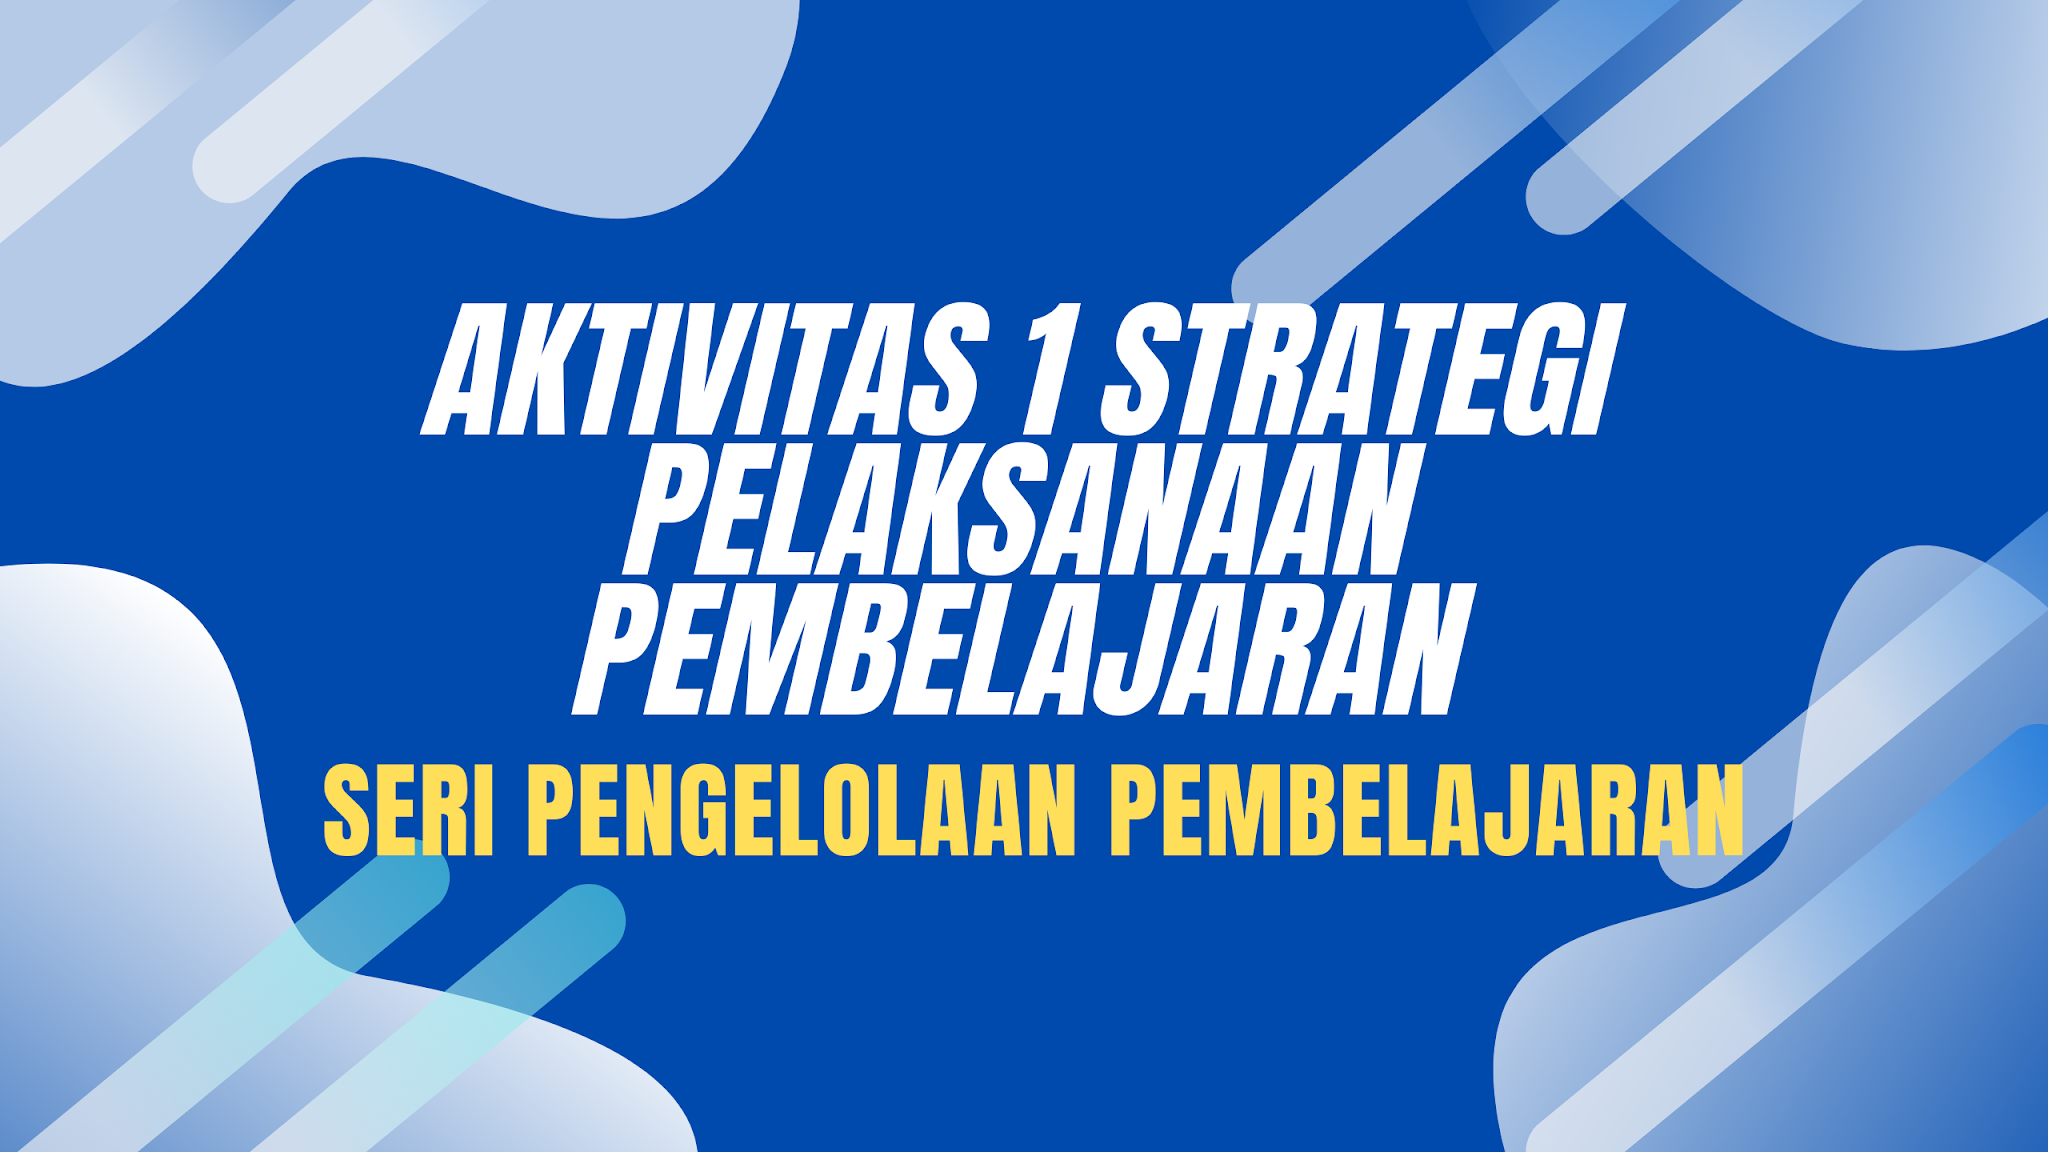 gambar Aktivitas 1 strategi Pelaksanaan Pembelajaran